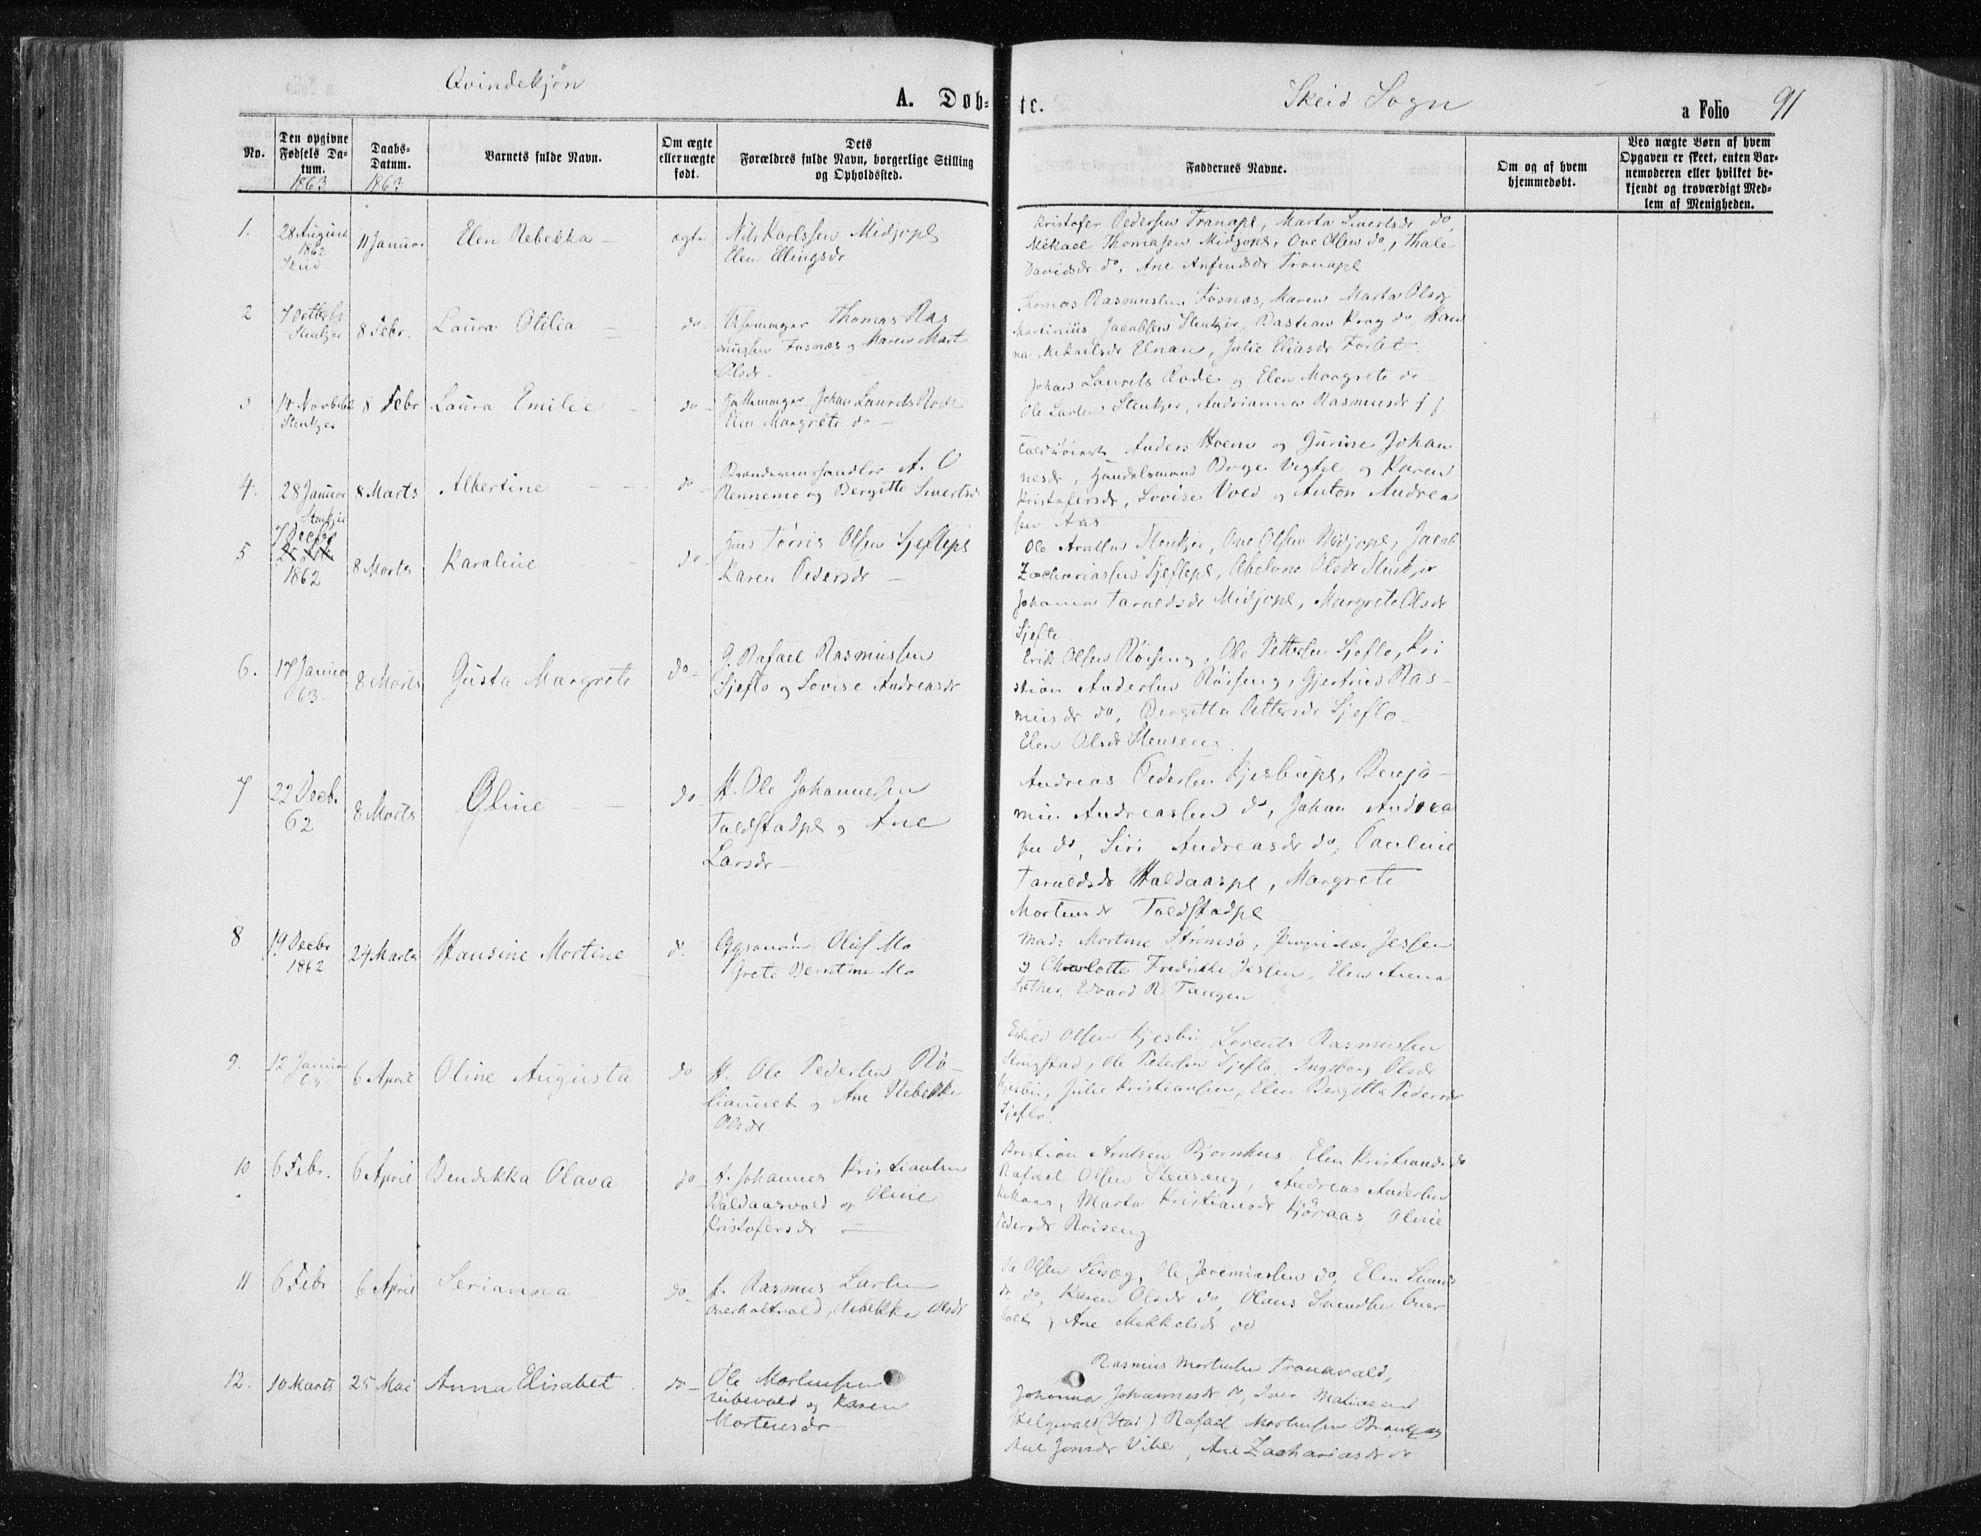 SAT, Ministerialprotokoller, klokkerbøker og fødselsregistre - Nord-Trøndelag, 735/L0345: Ministerialbok nr. 735A08 /2, 1863-1872, s. 91